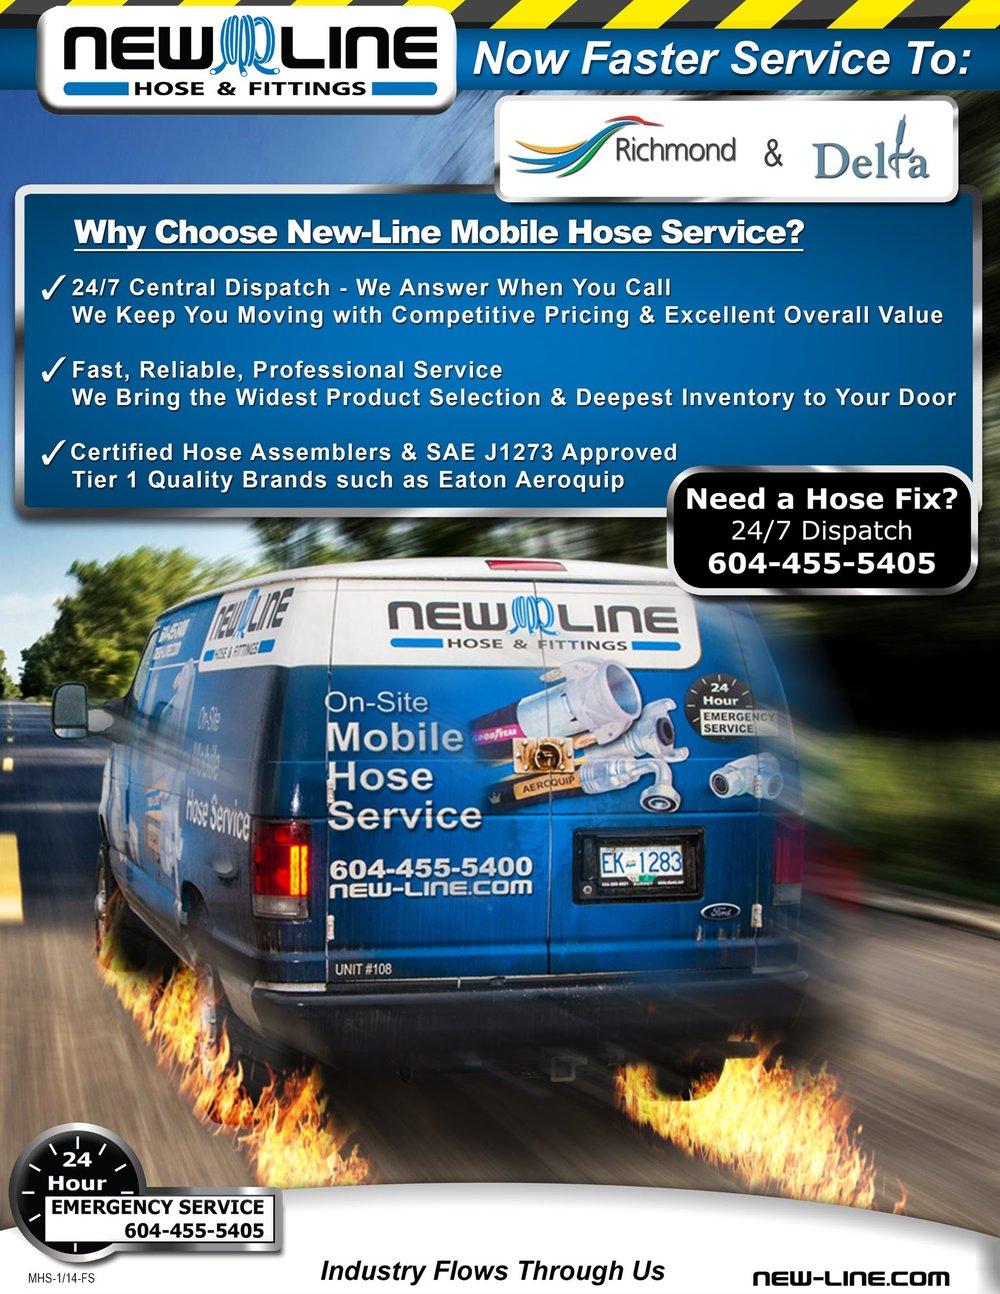 Mobile-Hose-Service-Flyer-FASTER-SERVICE---Jan-29-14.jpg